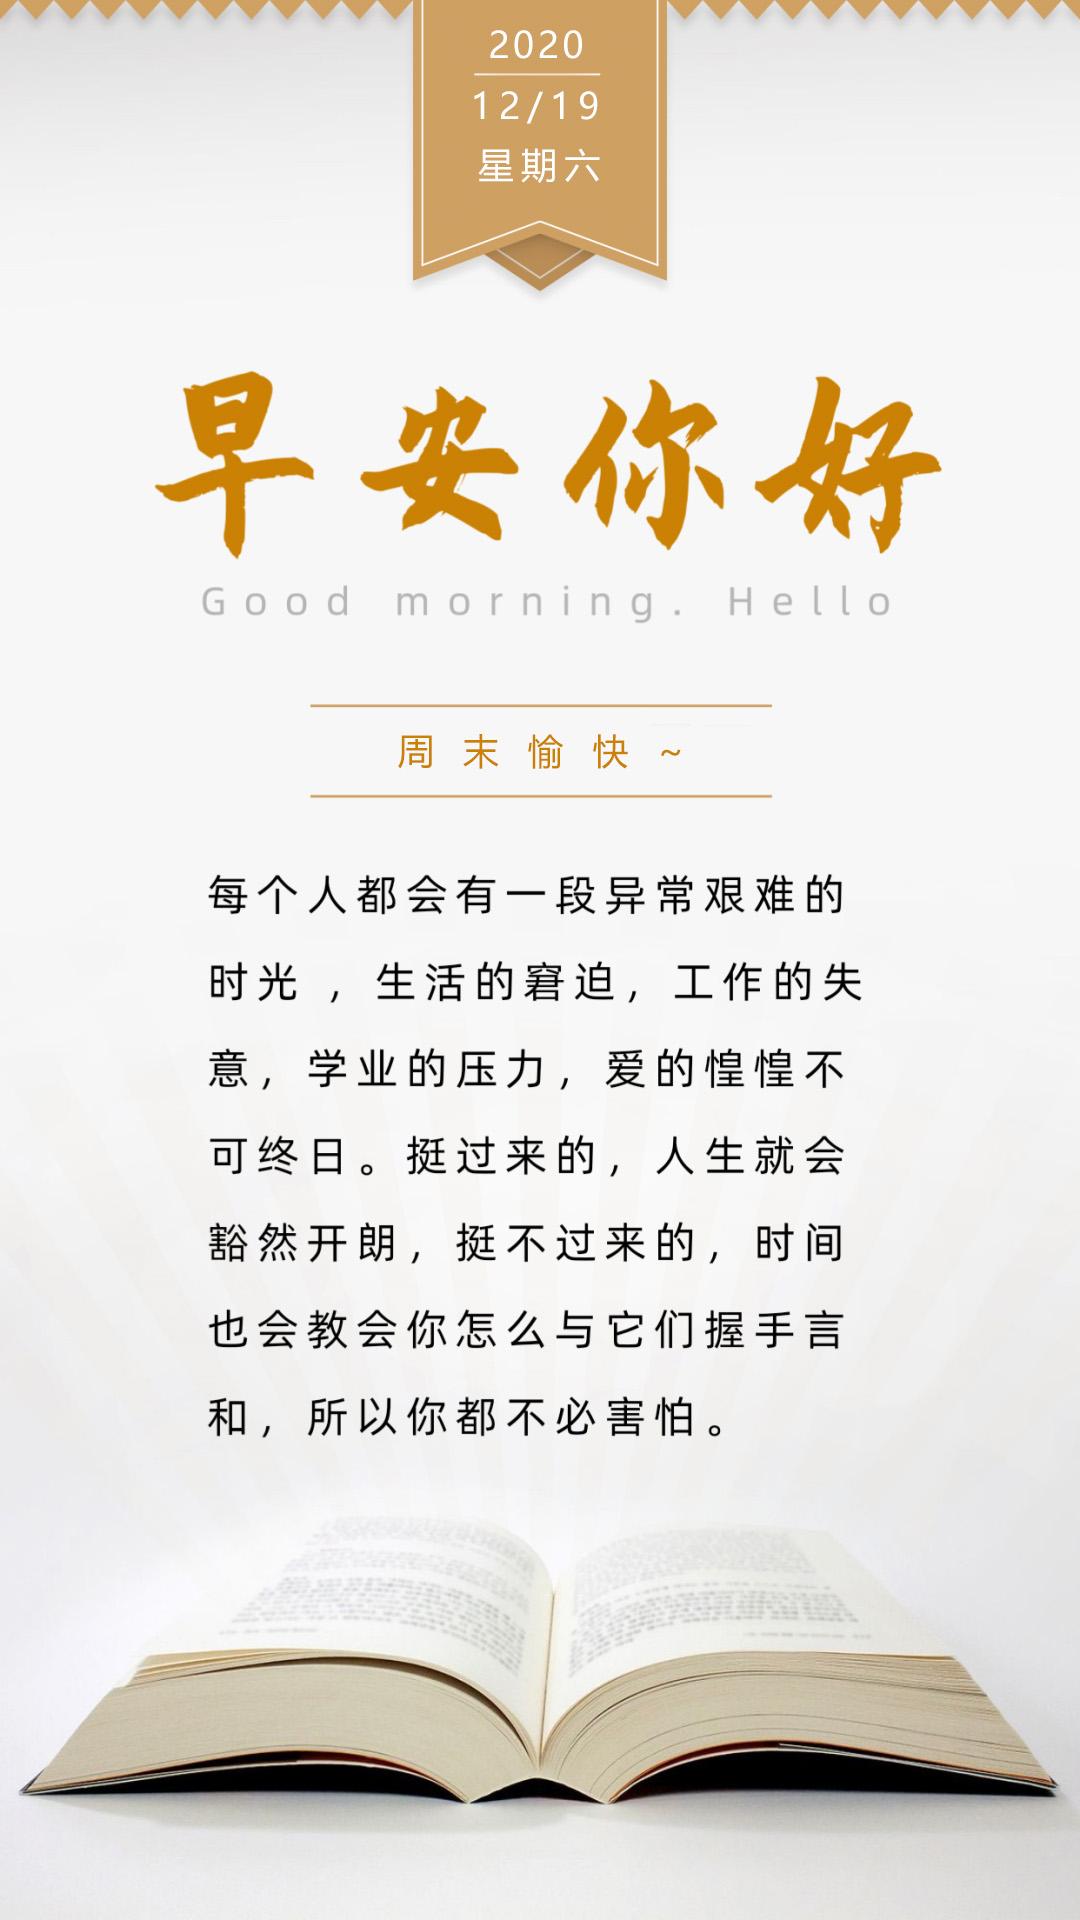 周末早安心语正能量激励语图片,12月19早安日签